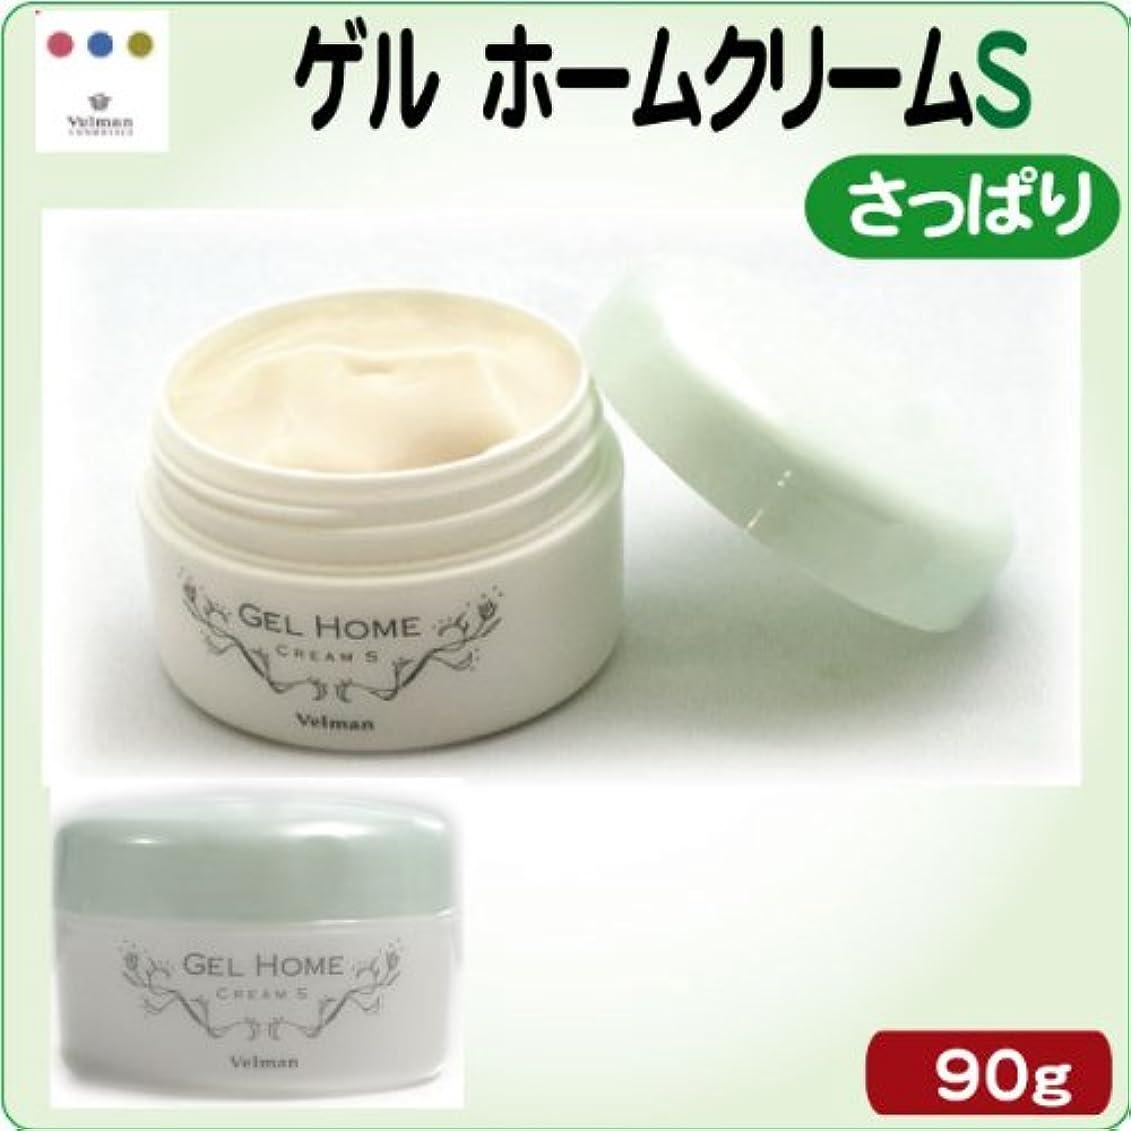 進化大臣代わりのベルマン化粧品 NONLOOSE ゲルホームクリームS 【さっぱりタイプ】 90g